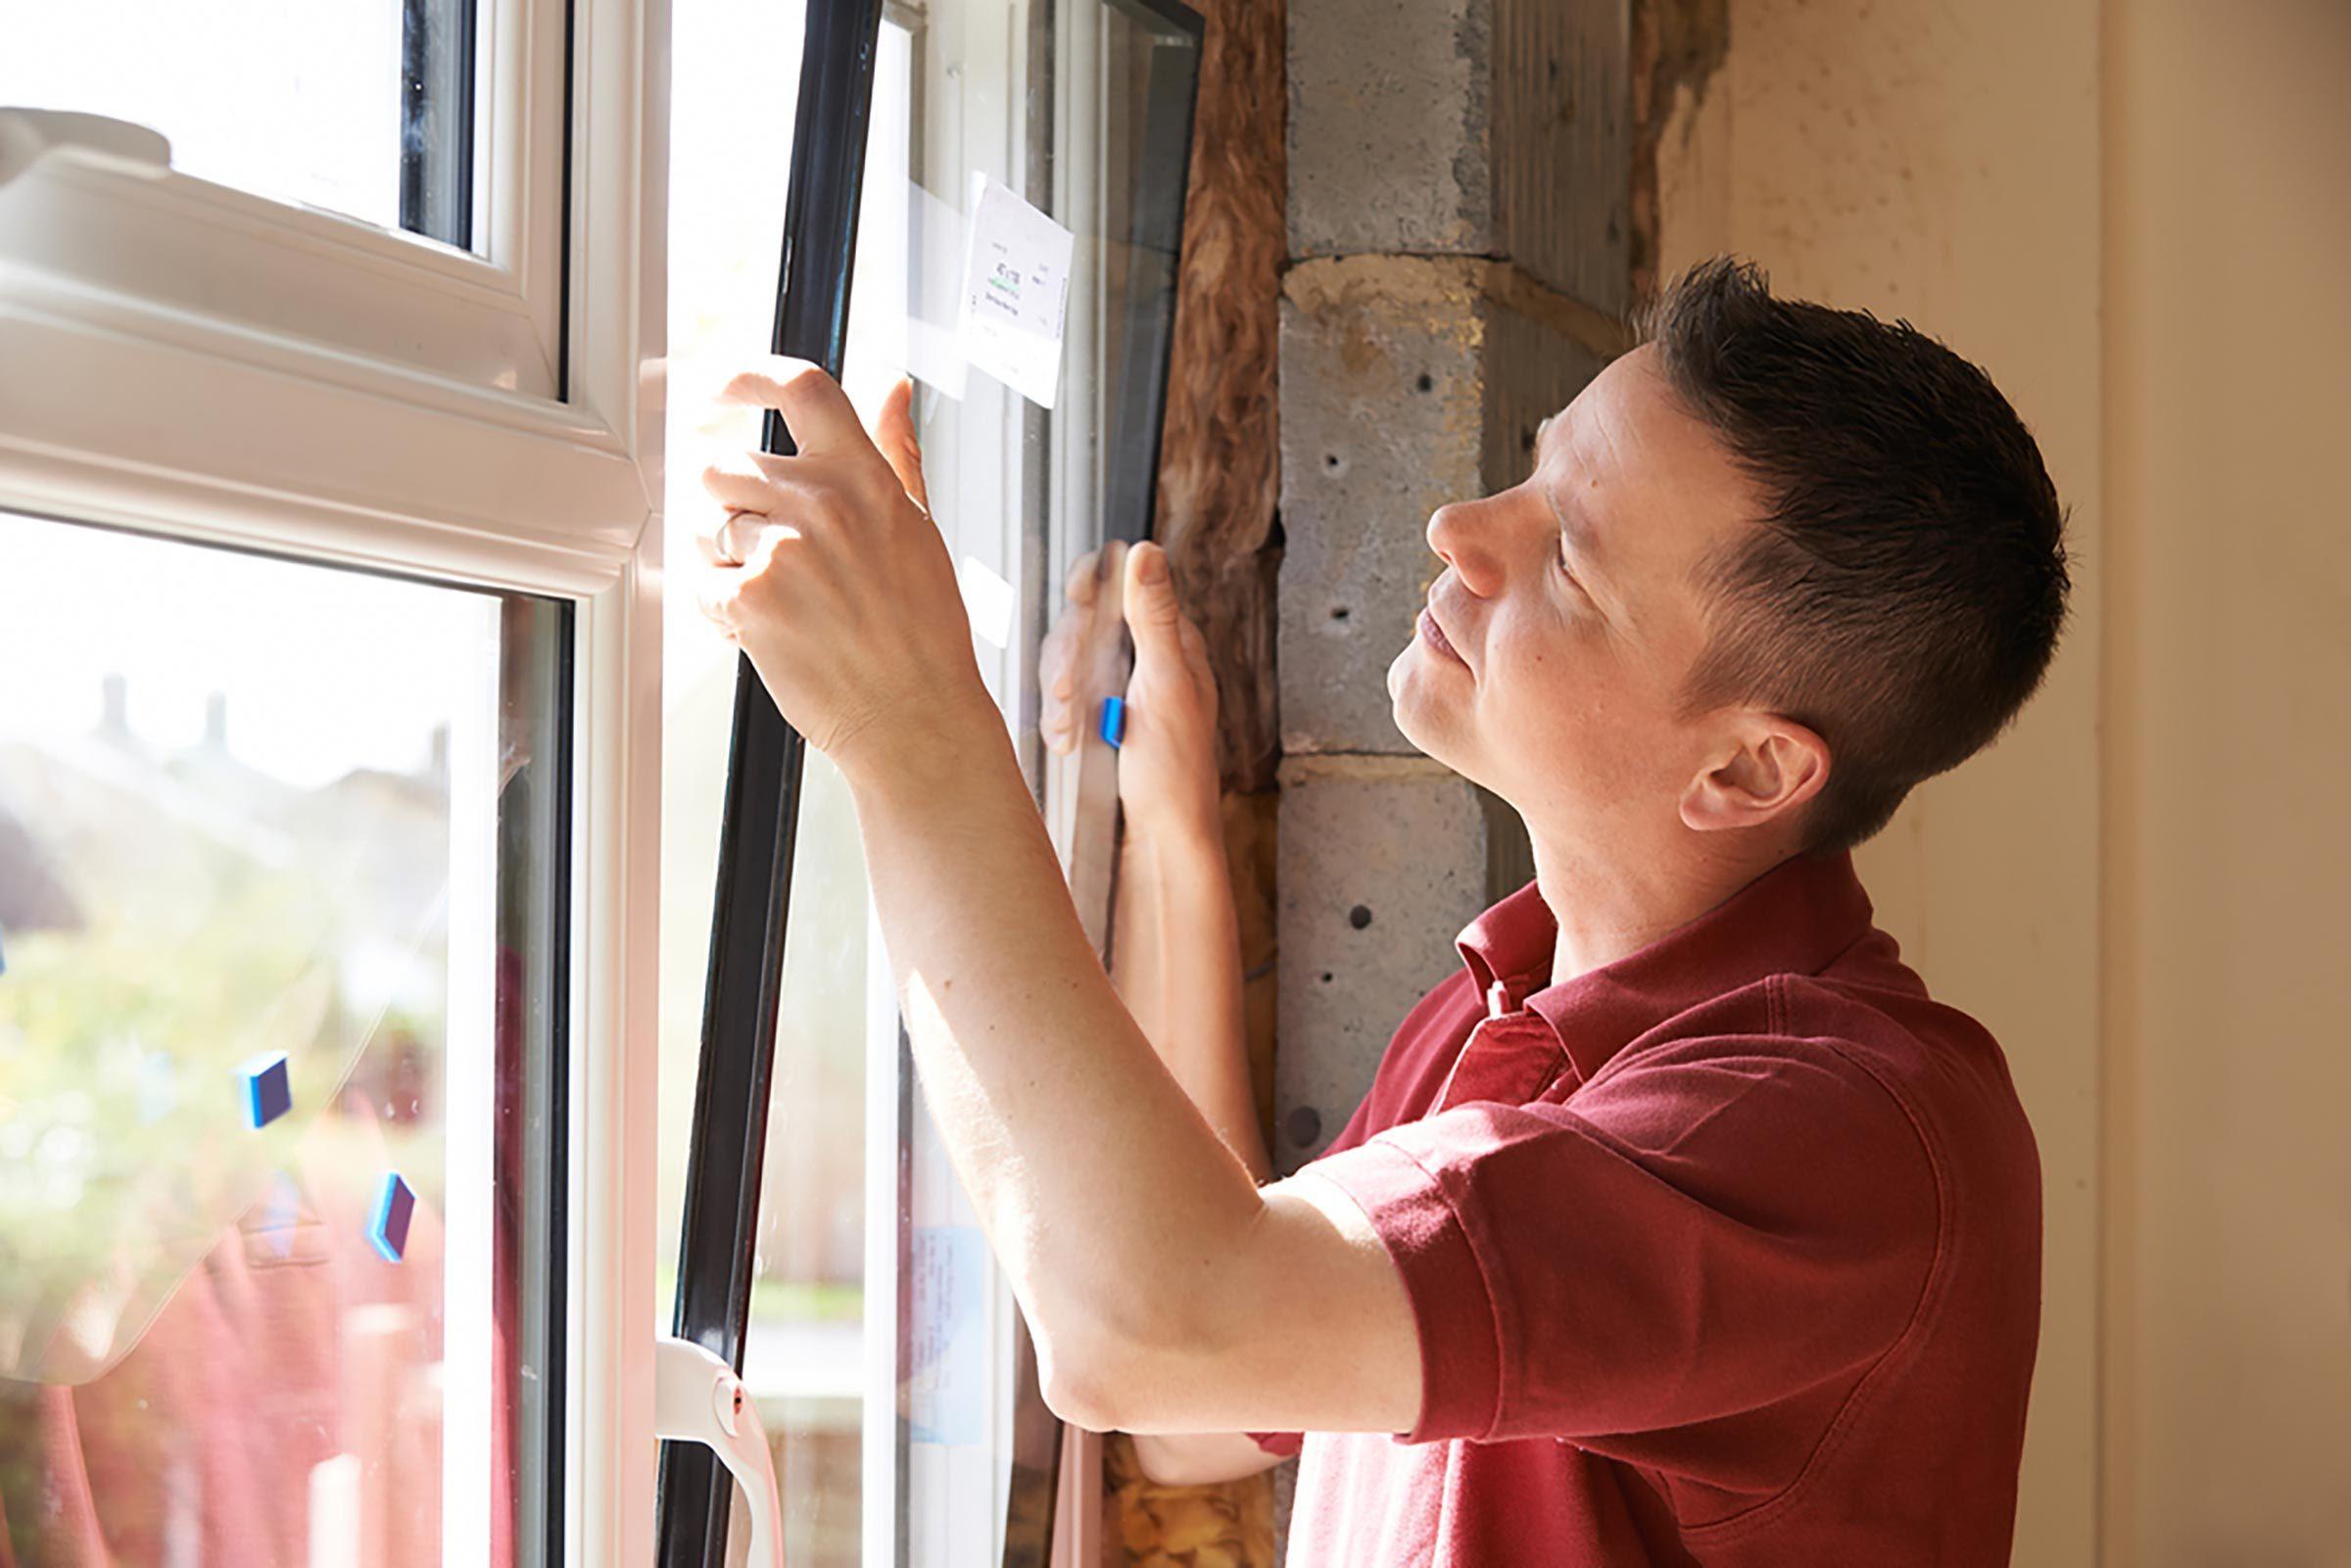 Remplacer vos vieilles fenêtres fera bien sûr baisser votre facture de chauffage